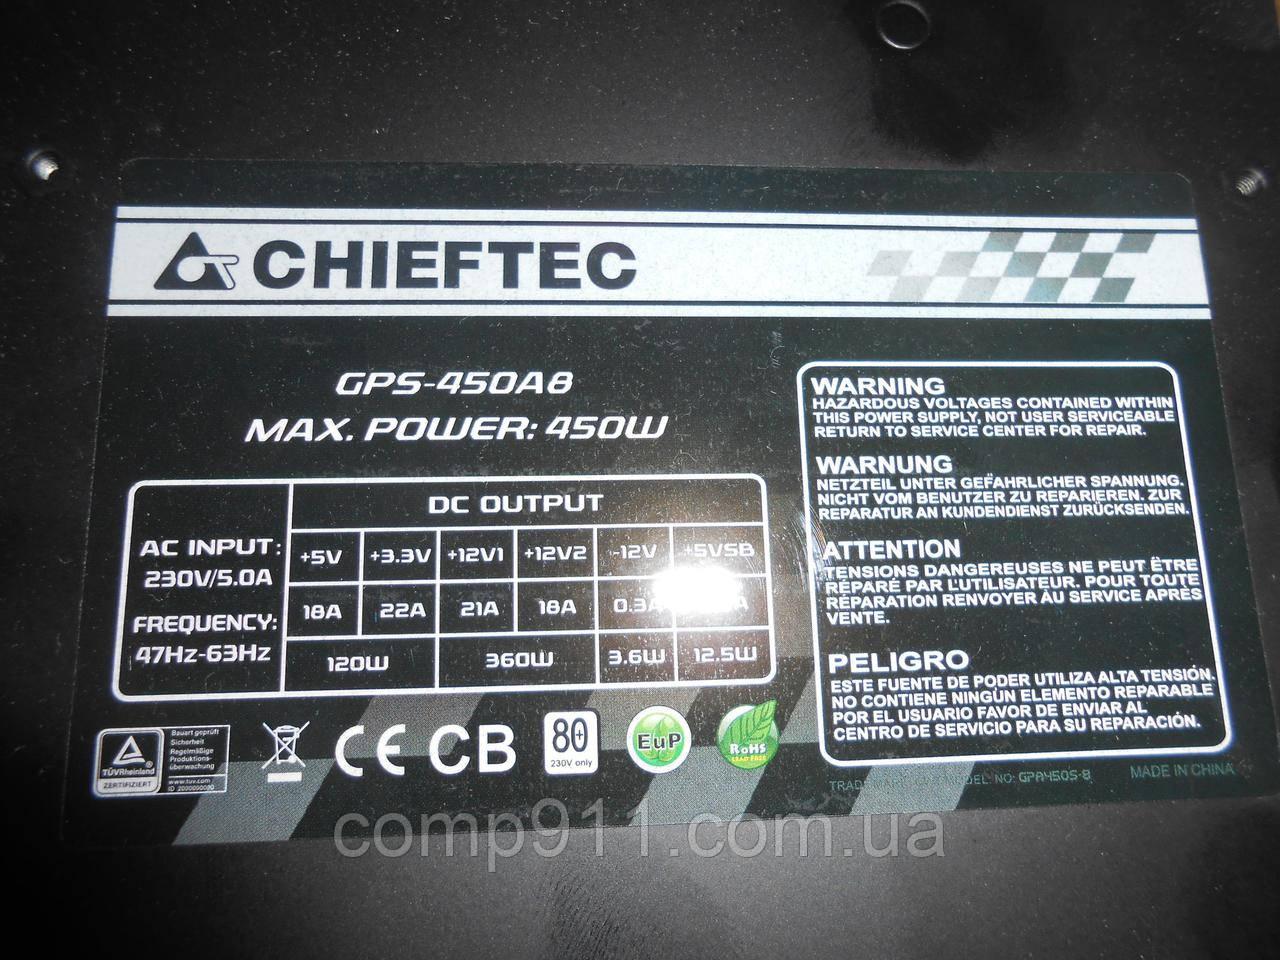 Блок питания для компьютера Chieftec GPS-450AB